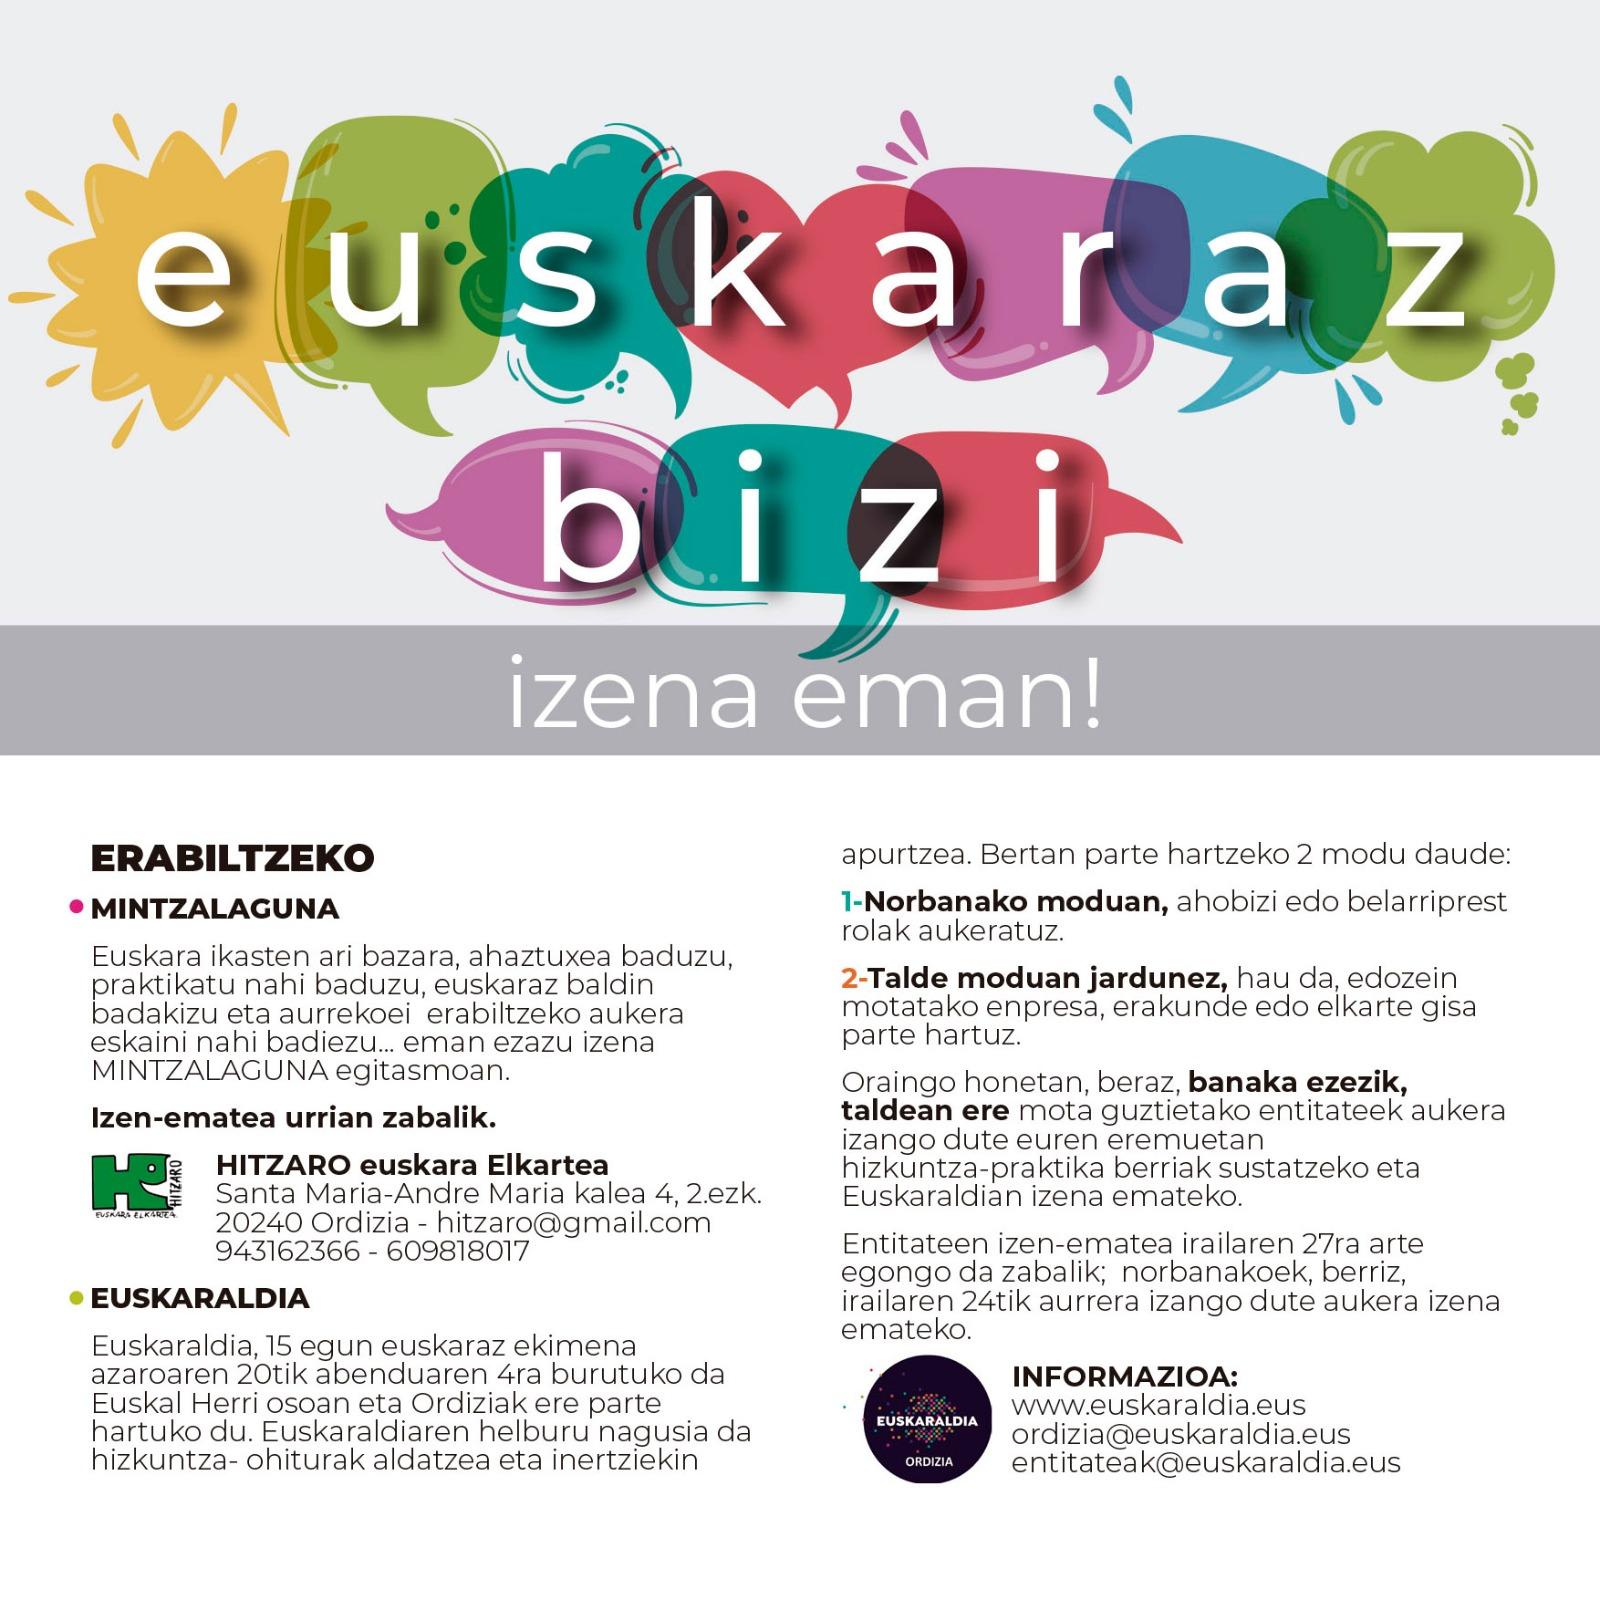 EUS1 Euskara laguntzak